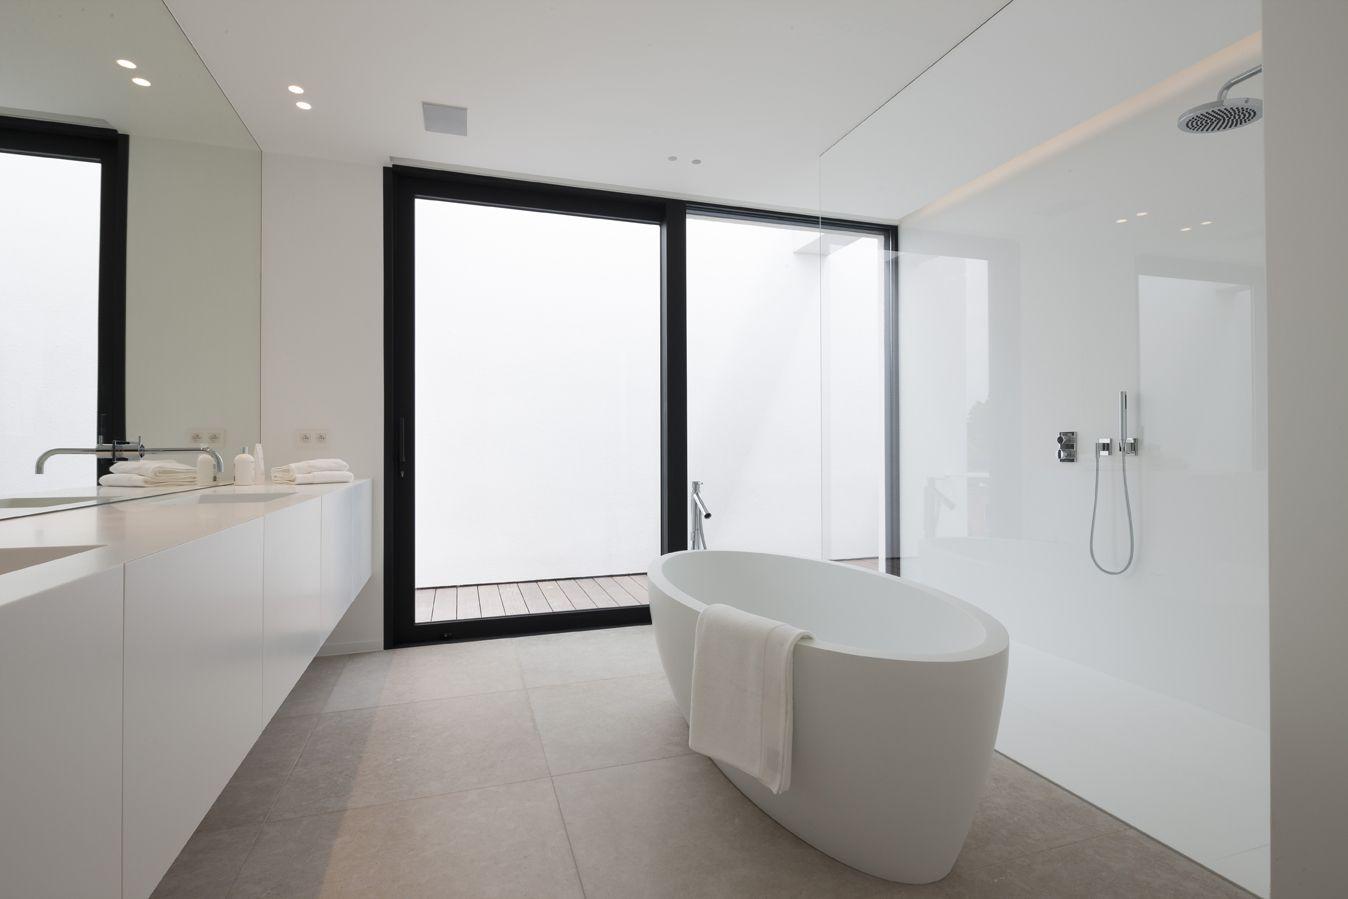 Kijkwoning bathroom by ar architectuur en interieurprojecten